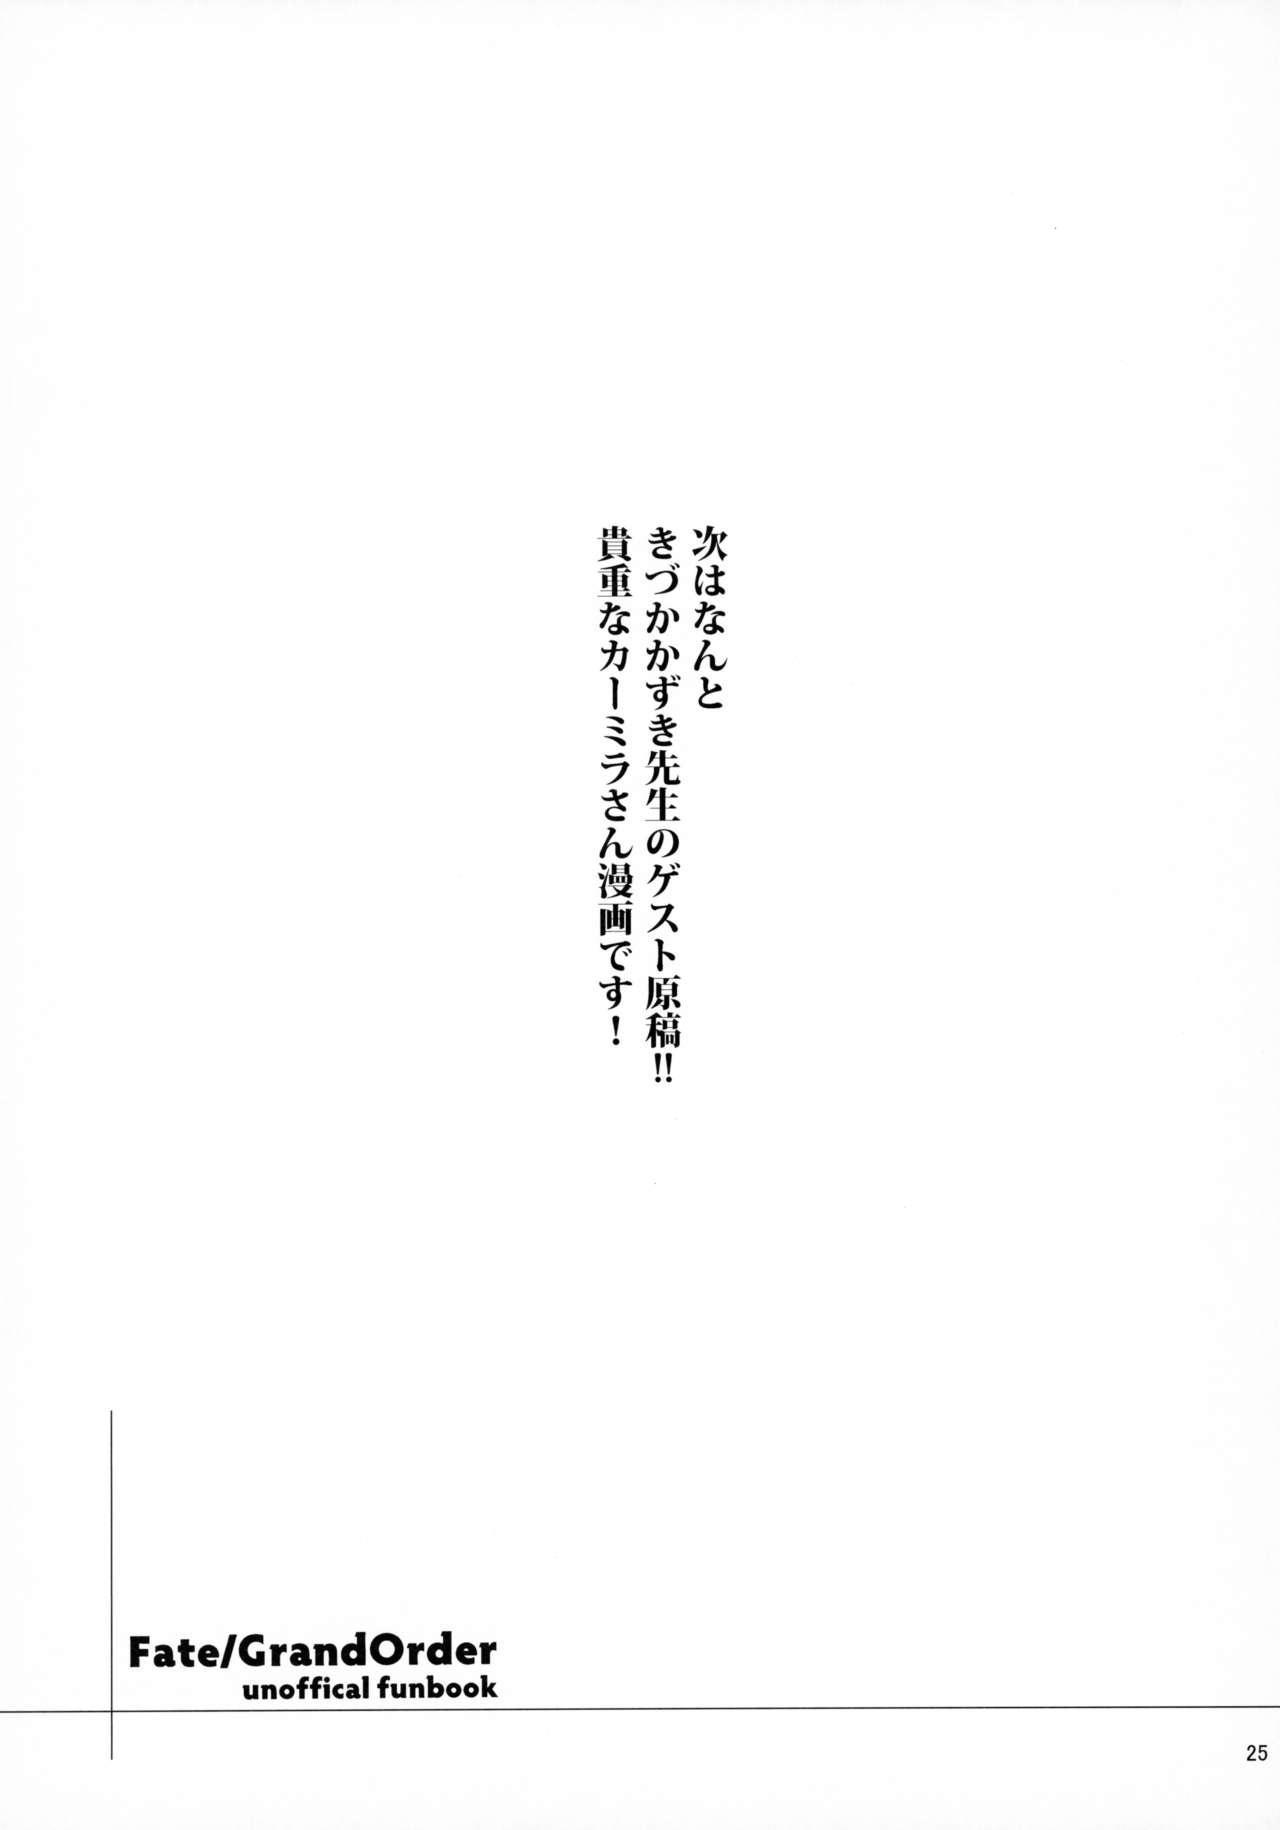 Carmilla-san to Onsen Ryokan de Shita Koto no Zenbu. 23